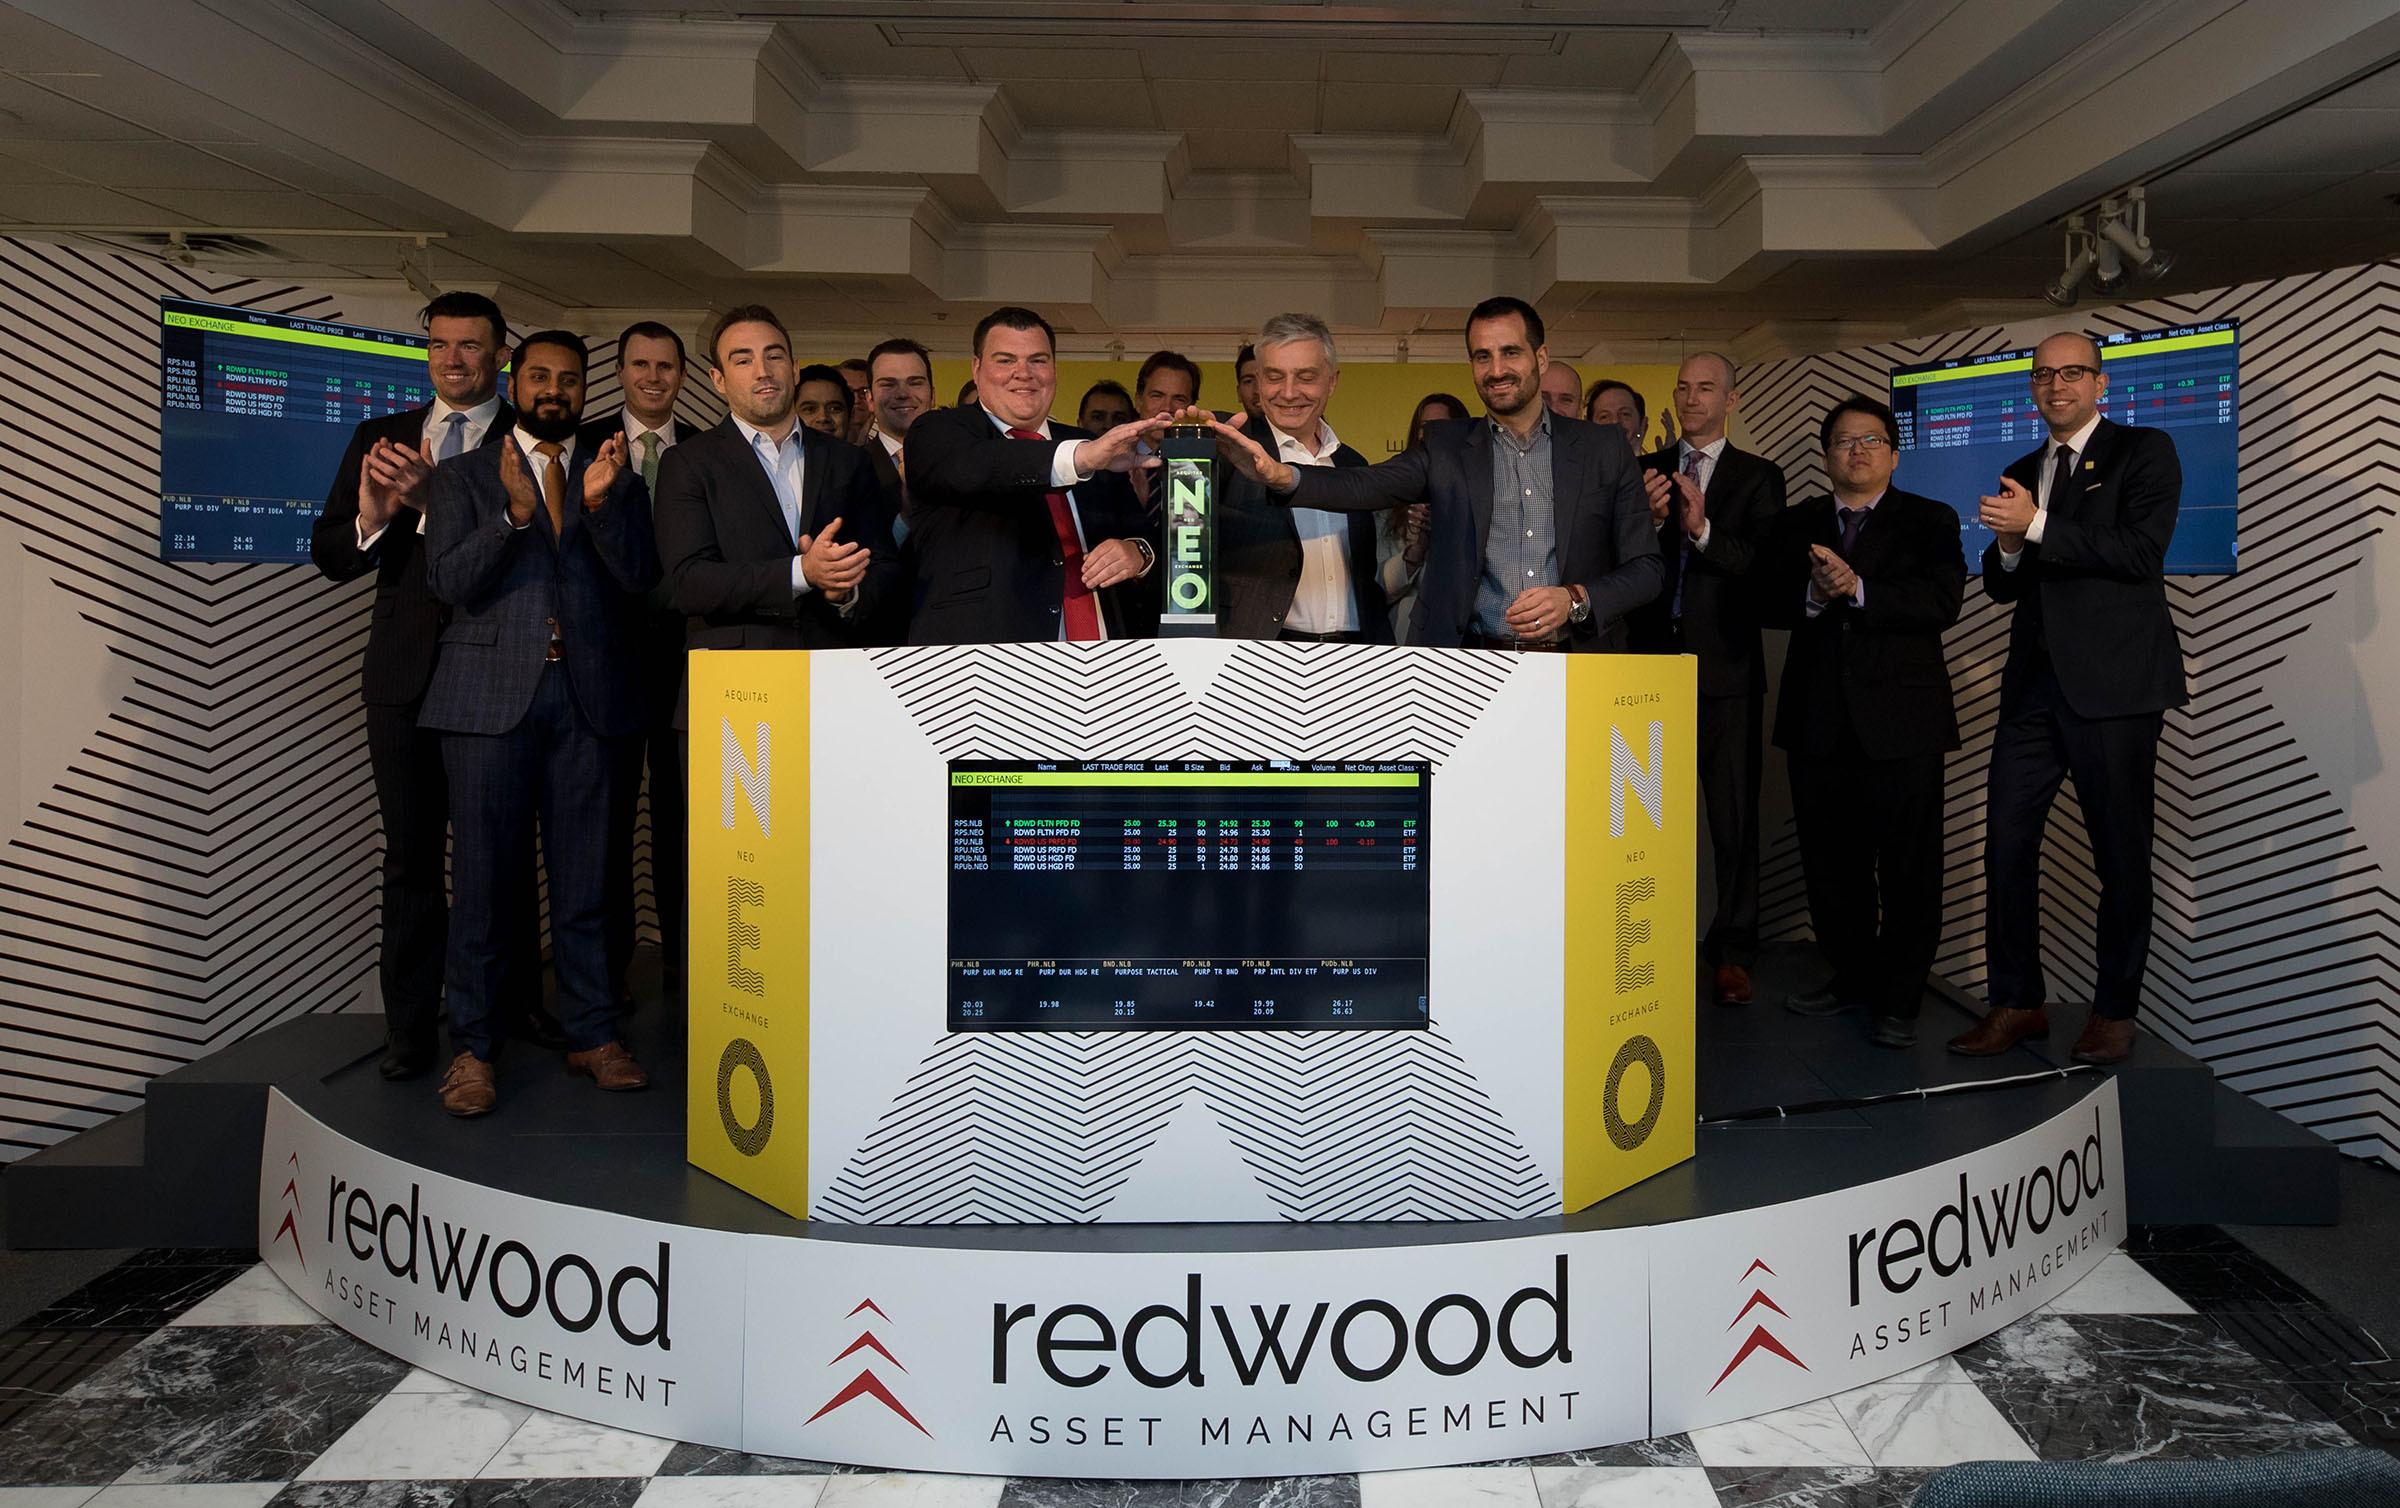 """Redwood Asset Management (""""Redwood""""), une filiale détenue en exclusivité par Purpose Investments Inc. (""""Purpose""""), représentés par Peter Shippen, président de Redwood, et Som Seif, fondateur et CEO de Purpose, se sont joints à Jos Schmitt, président et CEO d'Aequitas NEO Exchange Inc. (""""NEO Bourse"""" ou """"NEO""""), pour sonner l'ouverture du marché, à l'occasion du lancement de deux nouveaux FNB, composés de trois cotations FNB sur NEO. Il s'agit-là des premiers FNB de Redwood à être lancés sur les marchés publics. Ils fourniront aux investisseurs une variété de solutions FNB gérées par des équipes d'experts en investissement. Redwood devient ainsi le quatrième émetteur de FNB à coter des titres sur NEO. Bénéficiant d'une gestion active, les cotations FNB de Redwood, qui ont commencé à être négociées sur NEO le 15 mars 2017, sont Redwood Floating Rate Preferred Fund (RPS) et Redwood U.S. Preferred Share Fund (RPU, RPU.B). (Photo: Business Wire)"""